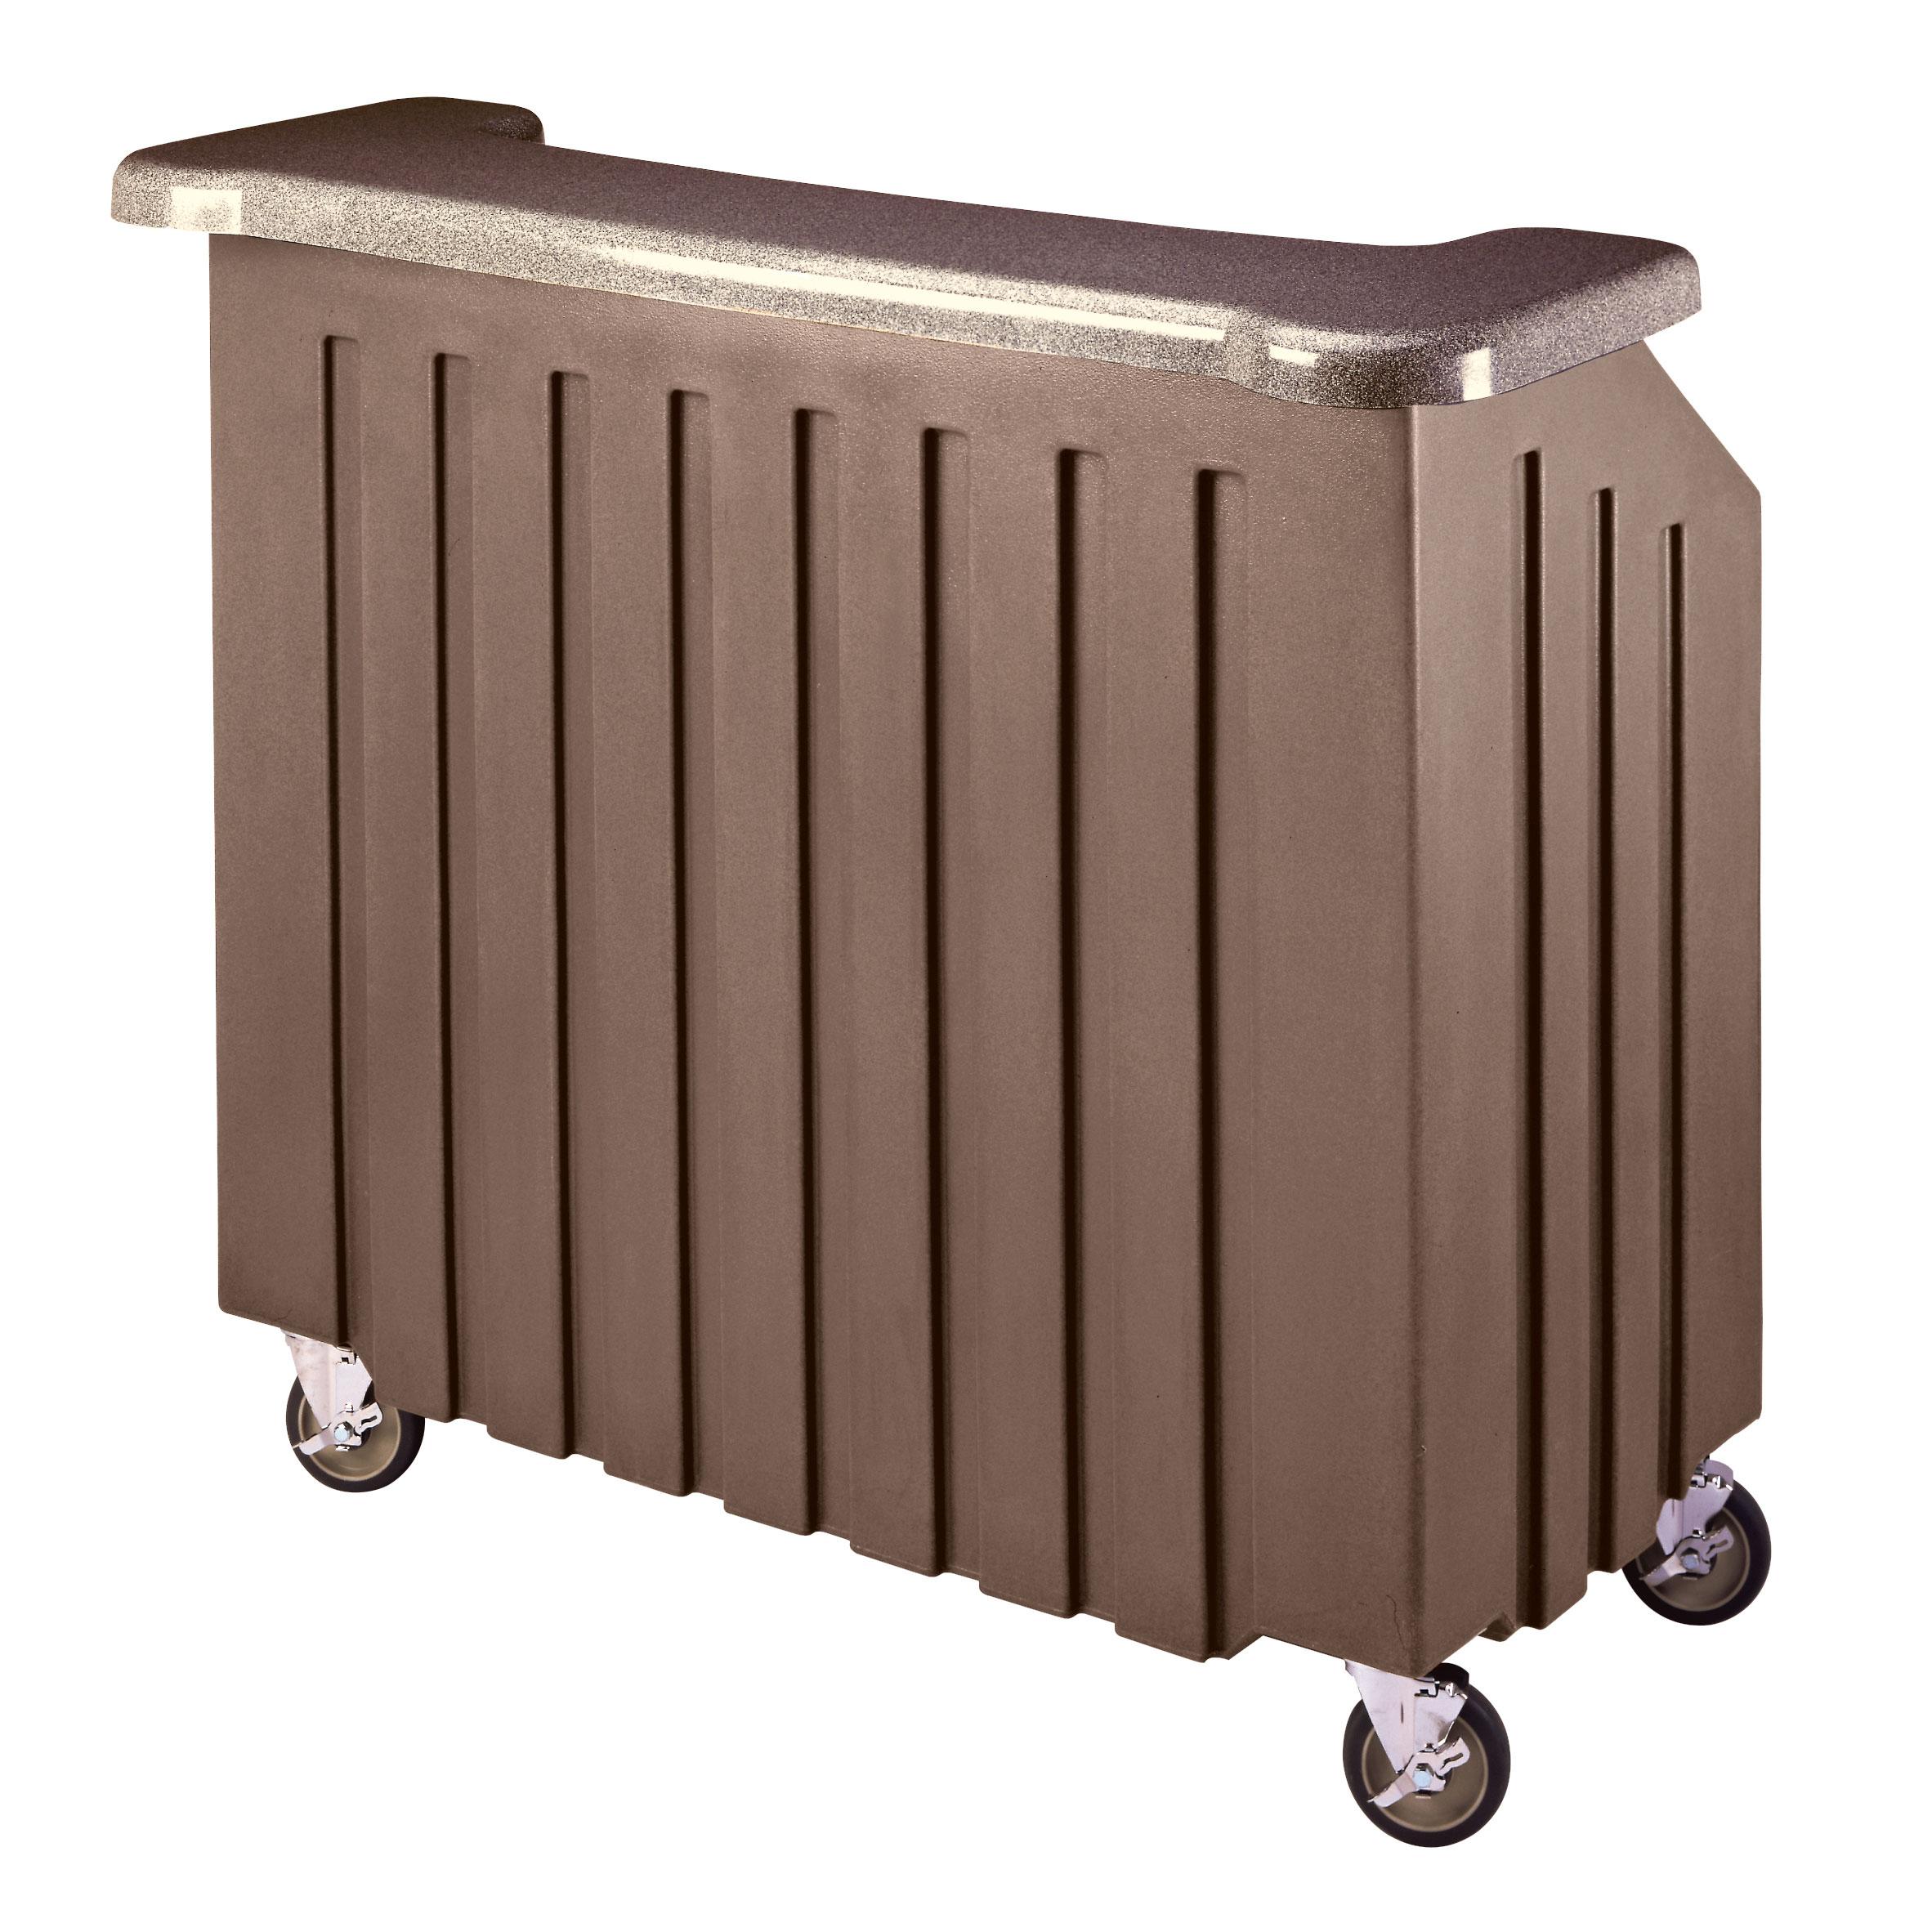 Cambro BAR540DS672 portable bars